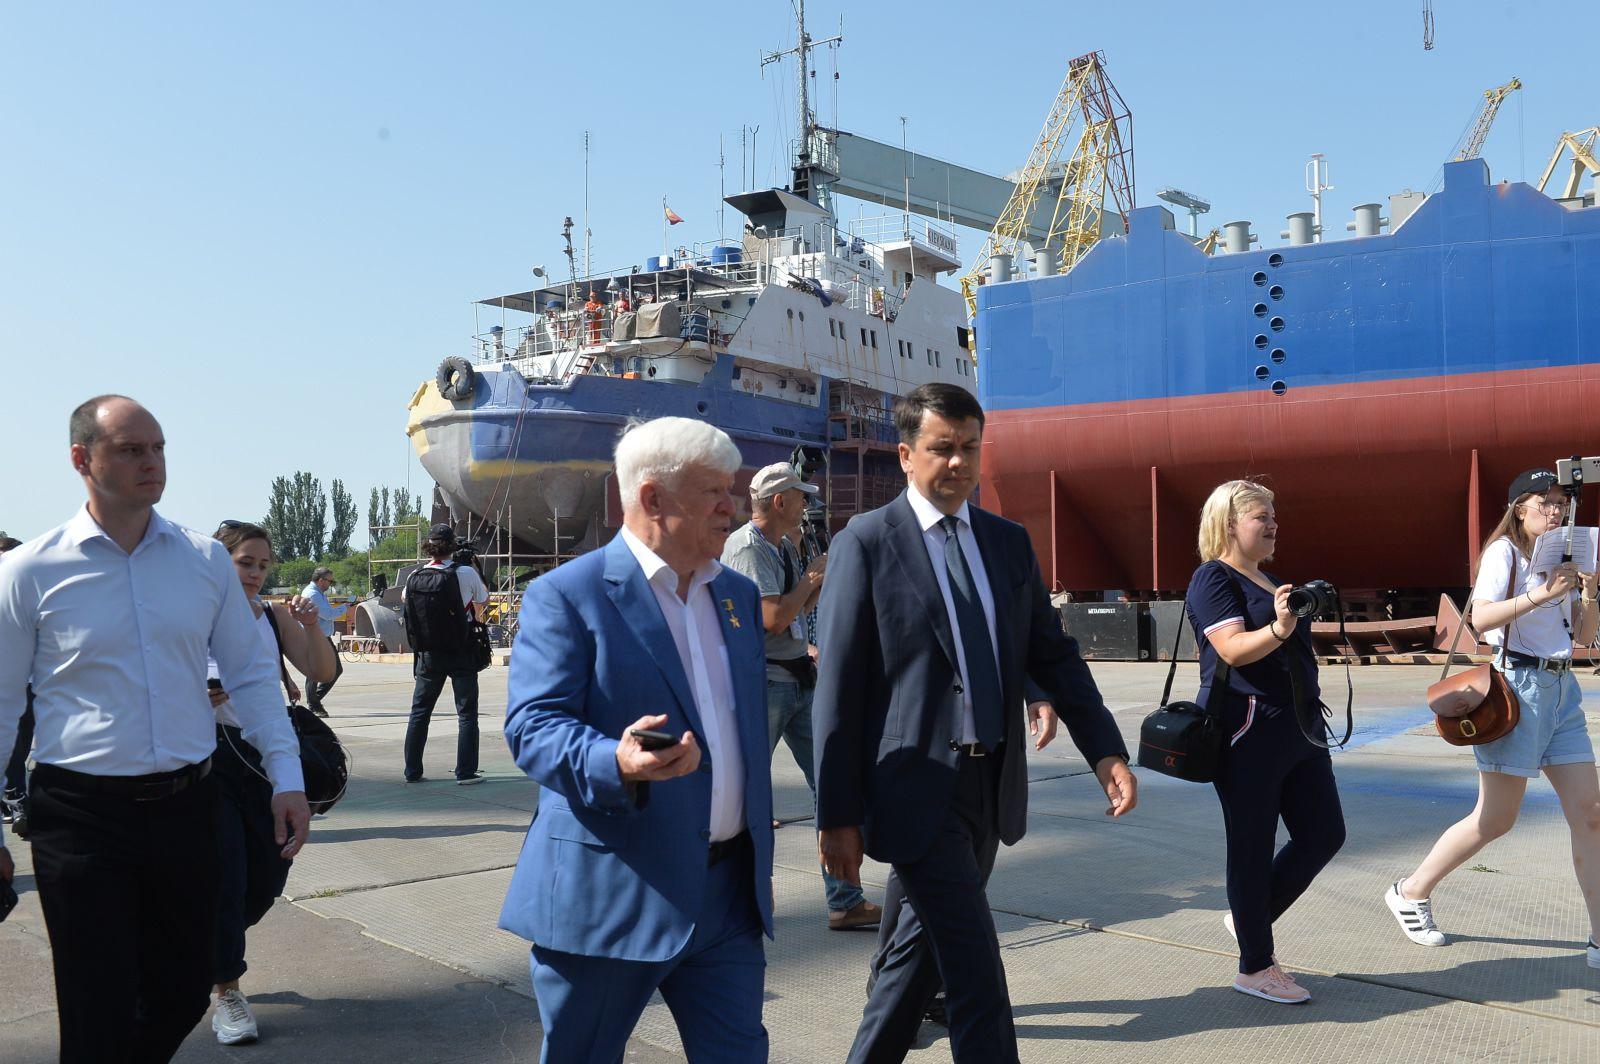 Дмитрий Разумков: «Необходимо сконцентрировать внимание на производстве и внутренних инвестициях»